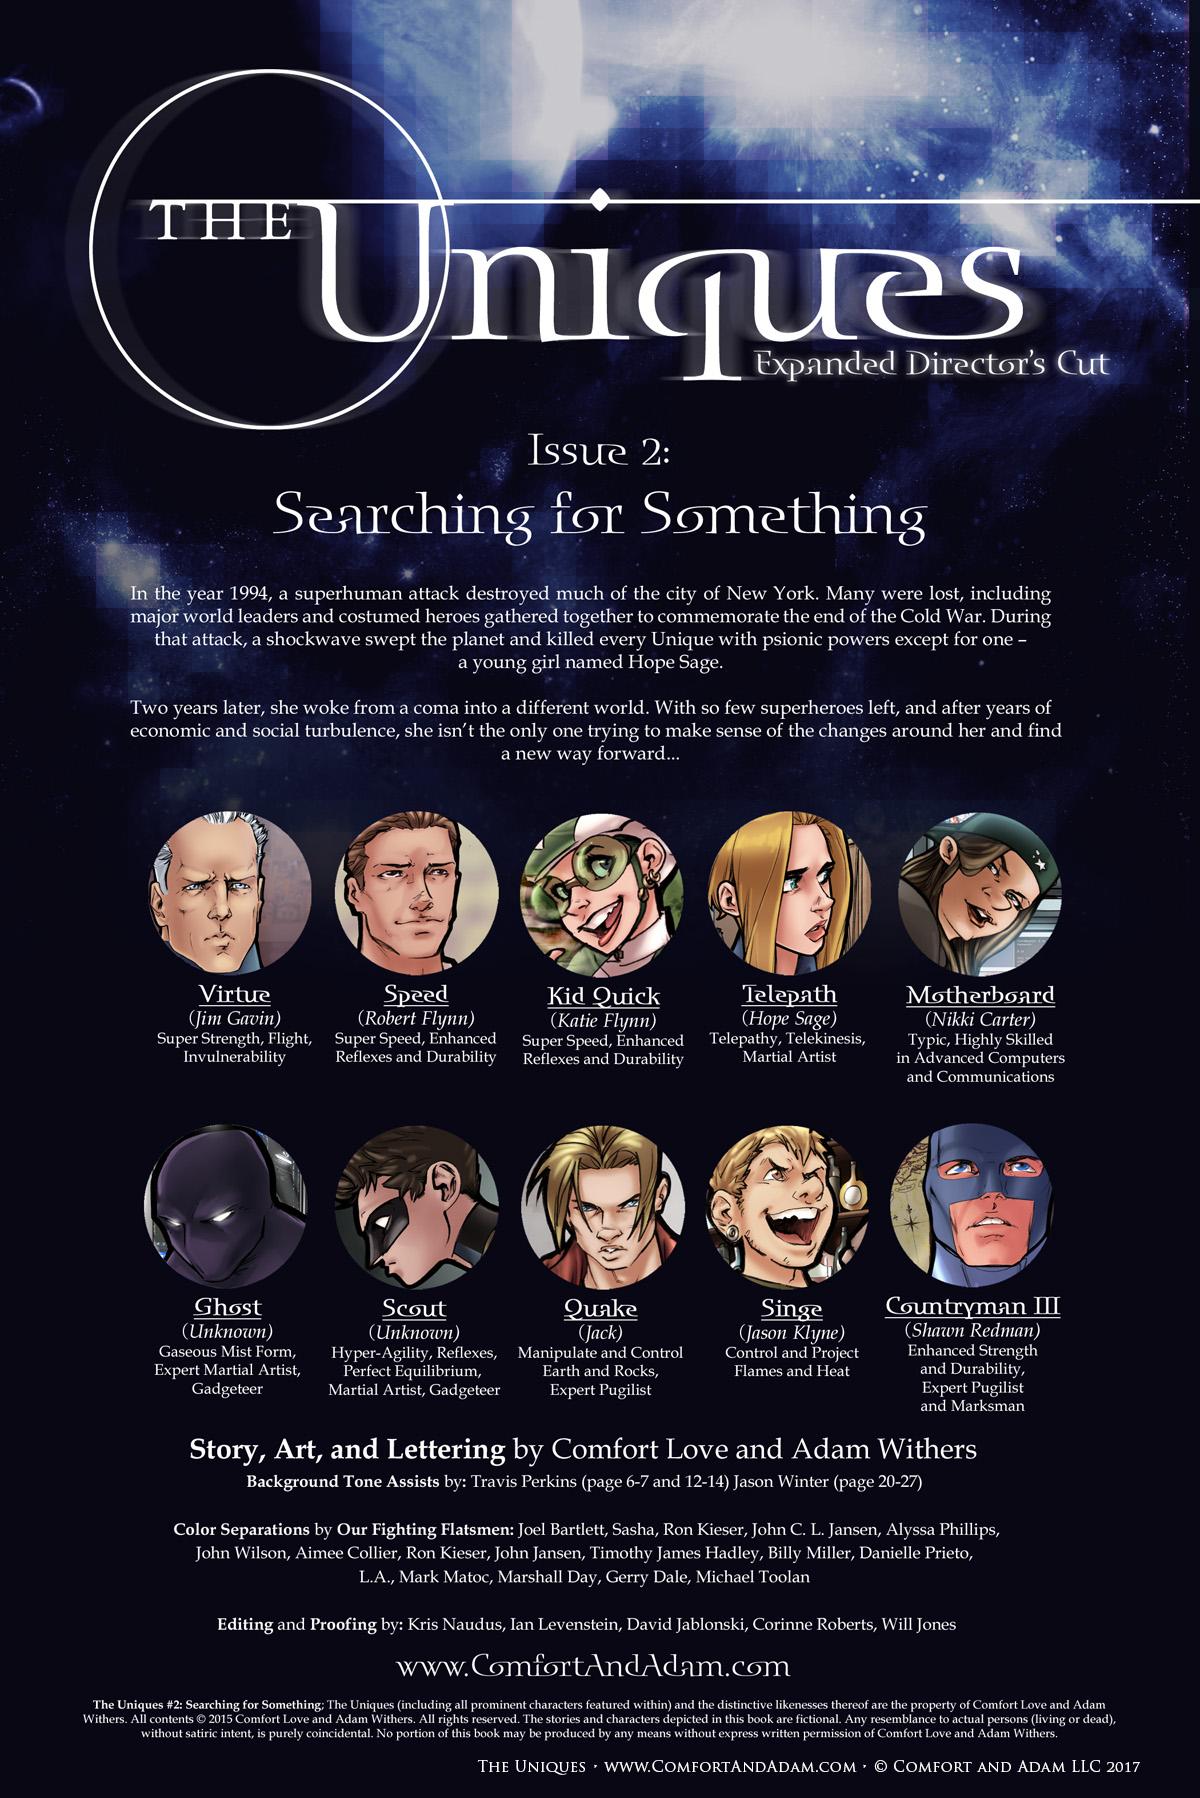 The Uniques #2 Title Page